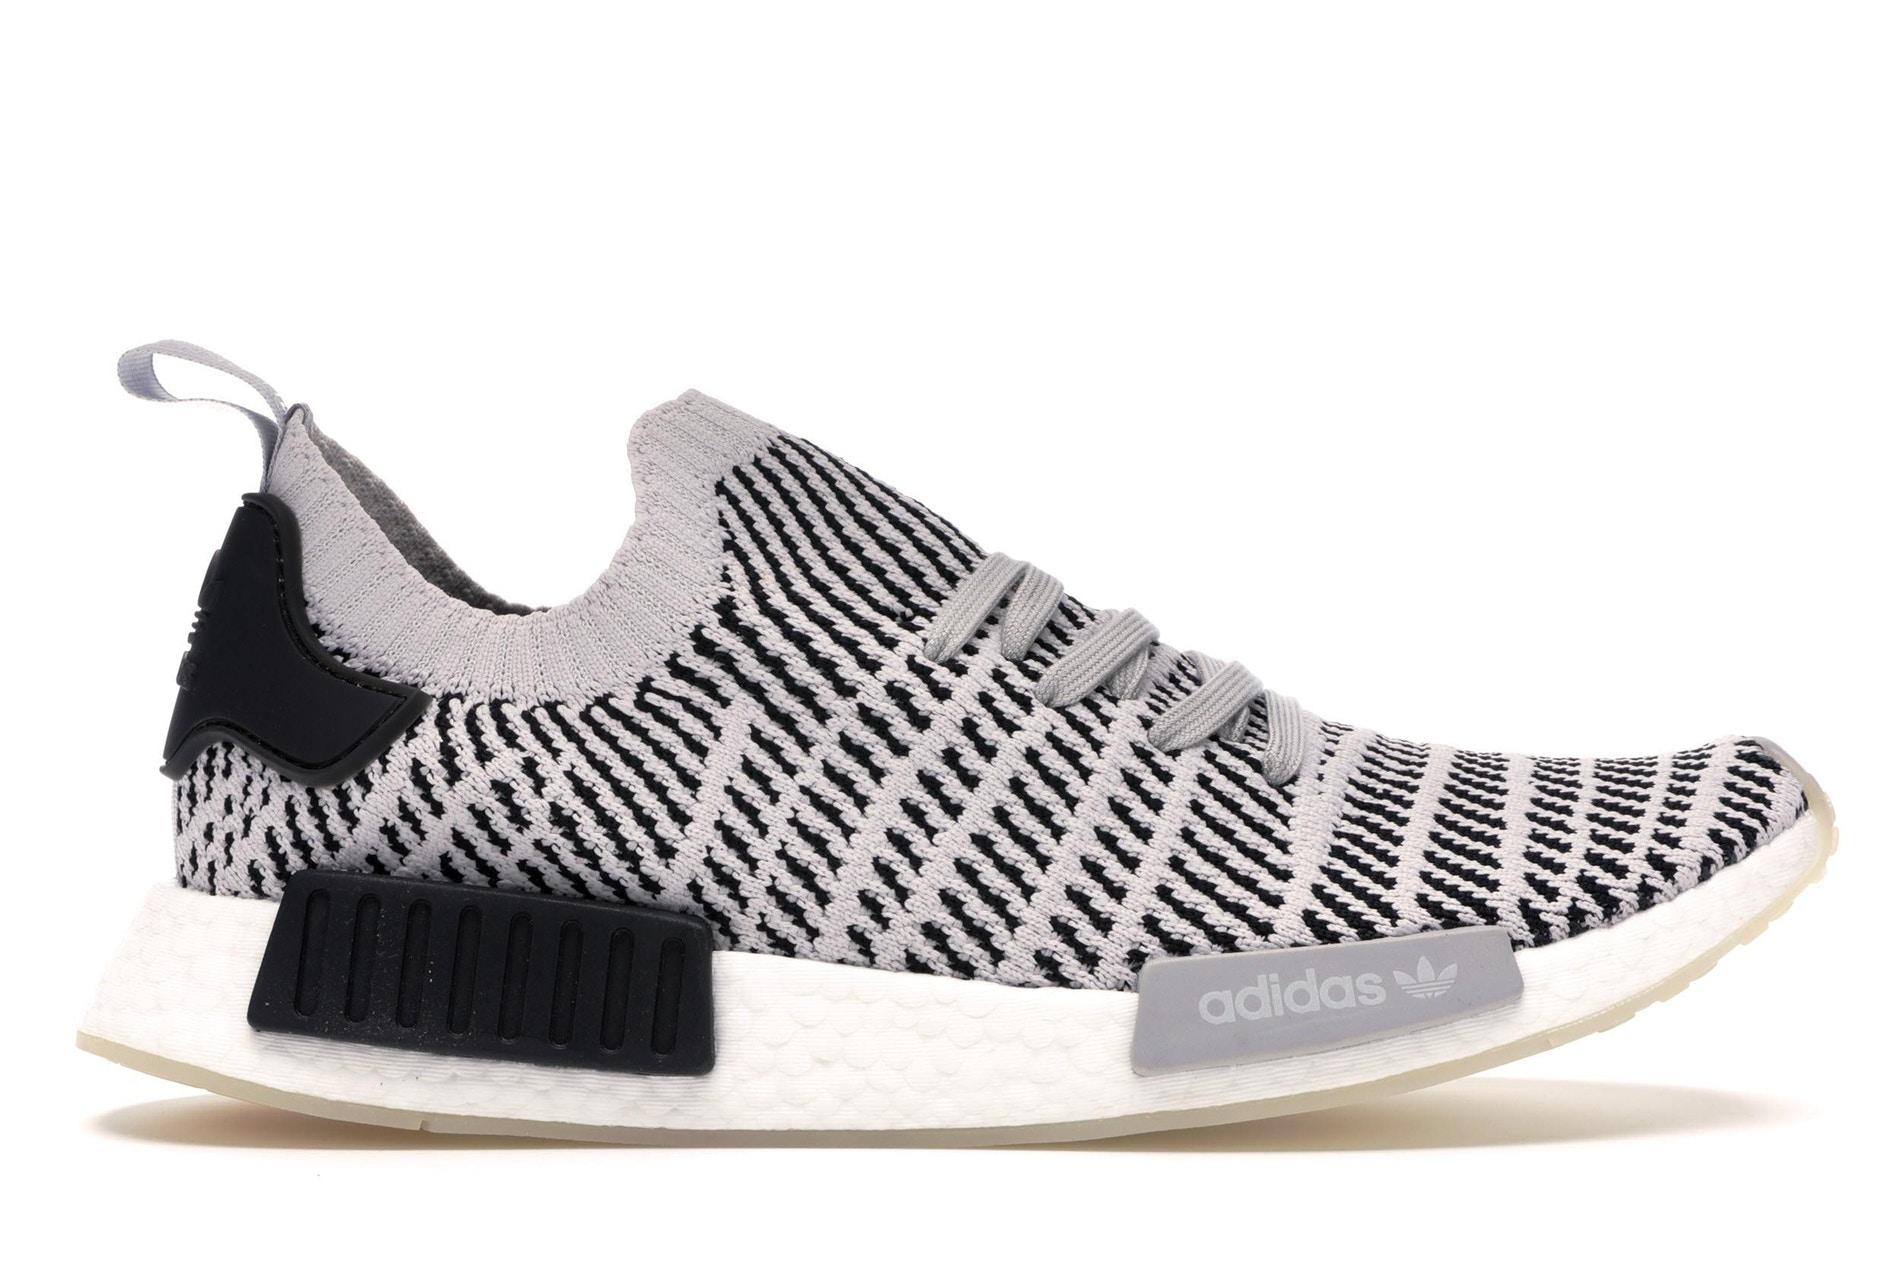 adidas NMD R1 STLT Grey Black